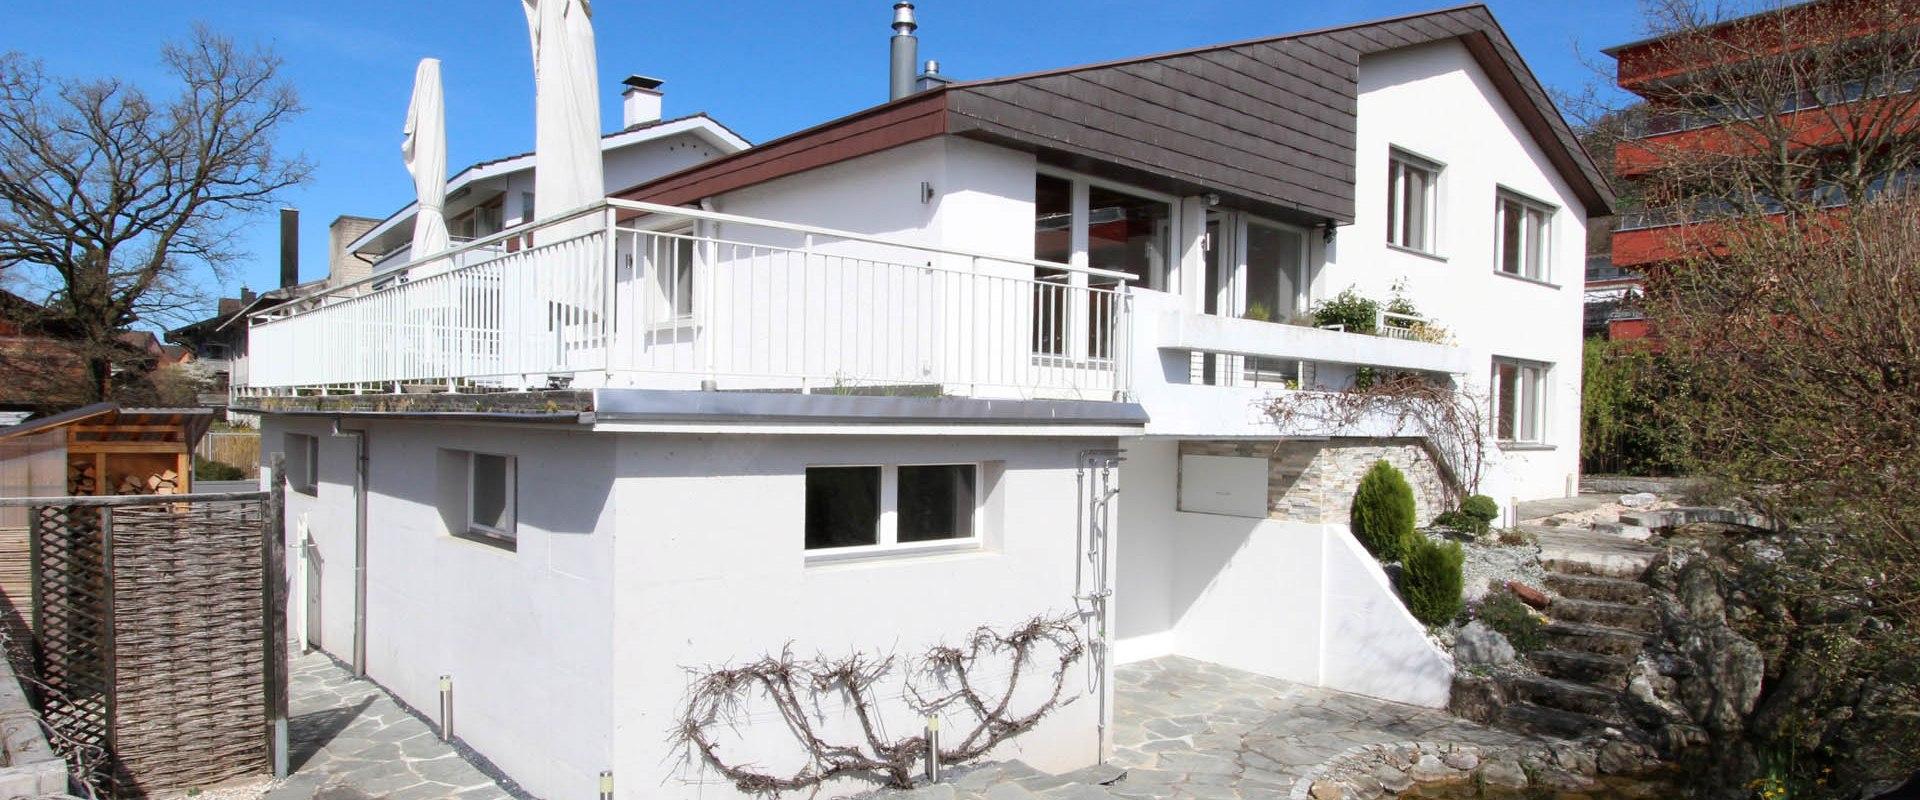 Miete: Einfamilienhaus mit Jacuzzi, neuer Teichanlage und Fitness